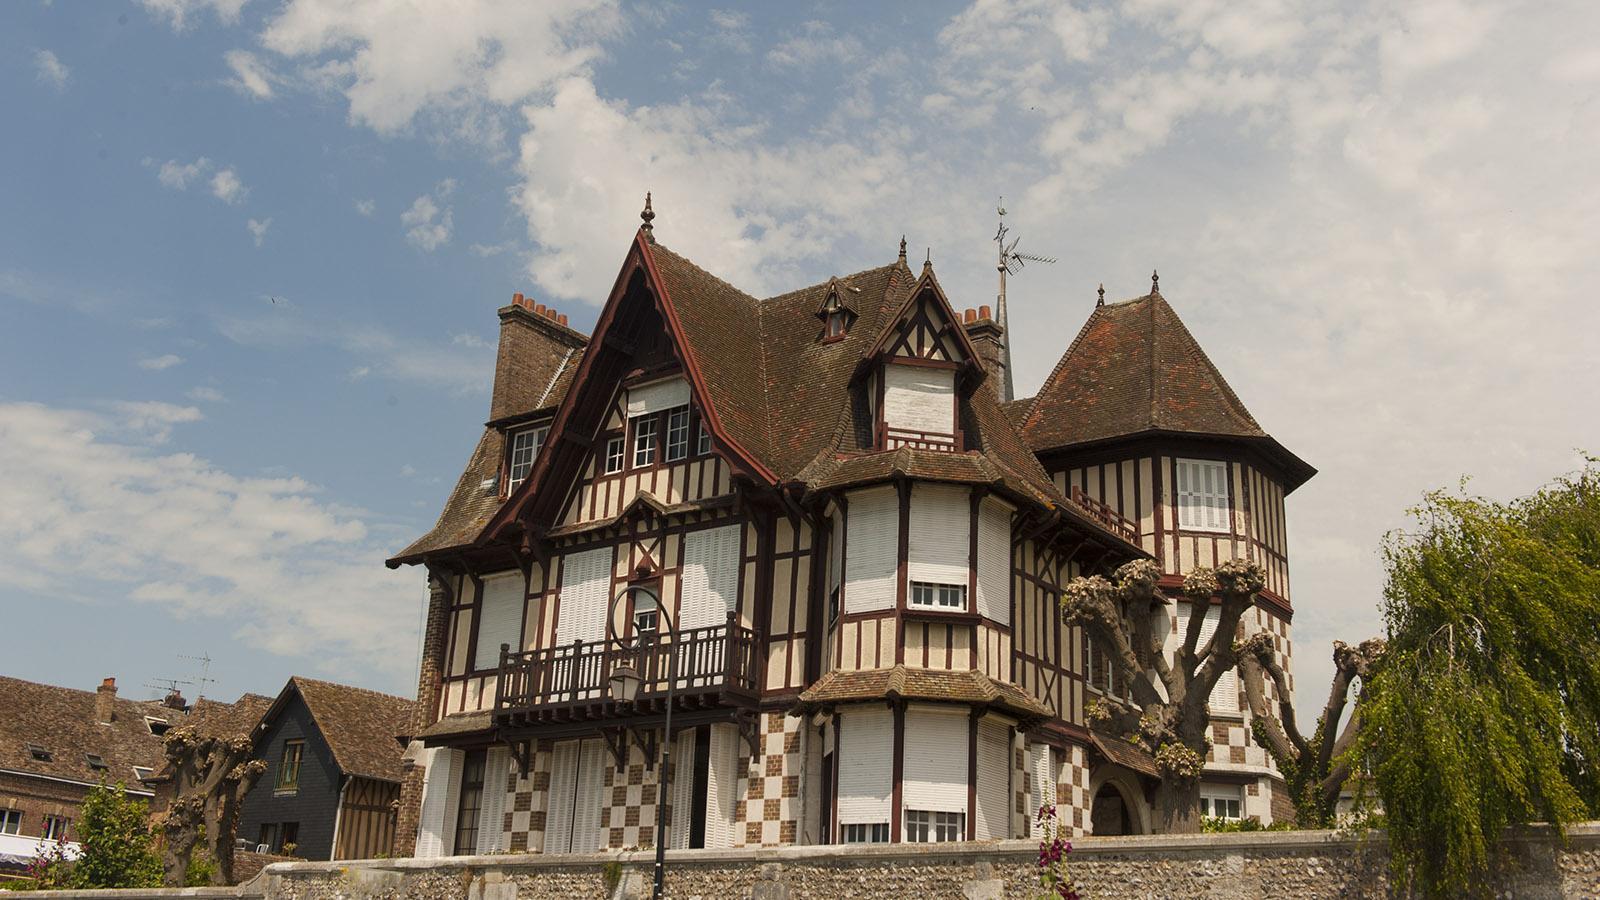 Les Andelys: Fachwerkvilla. Foto: Hilke Maudner